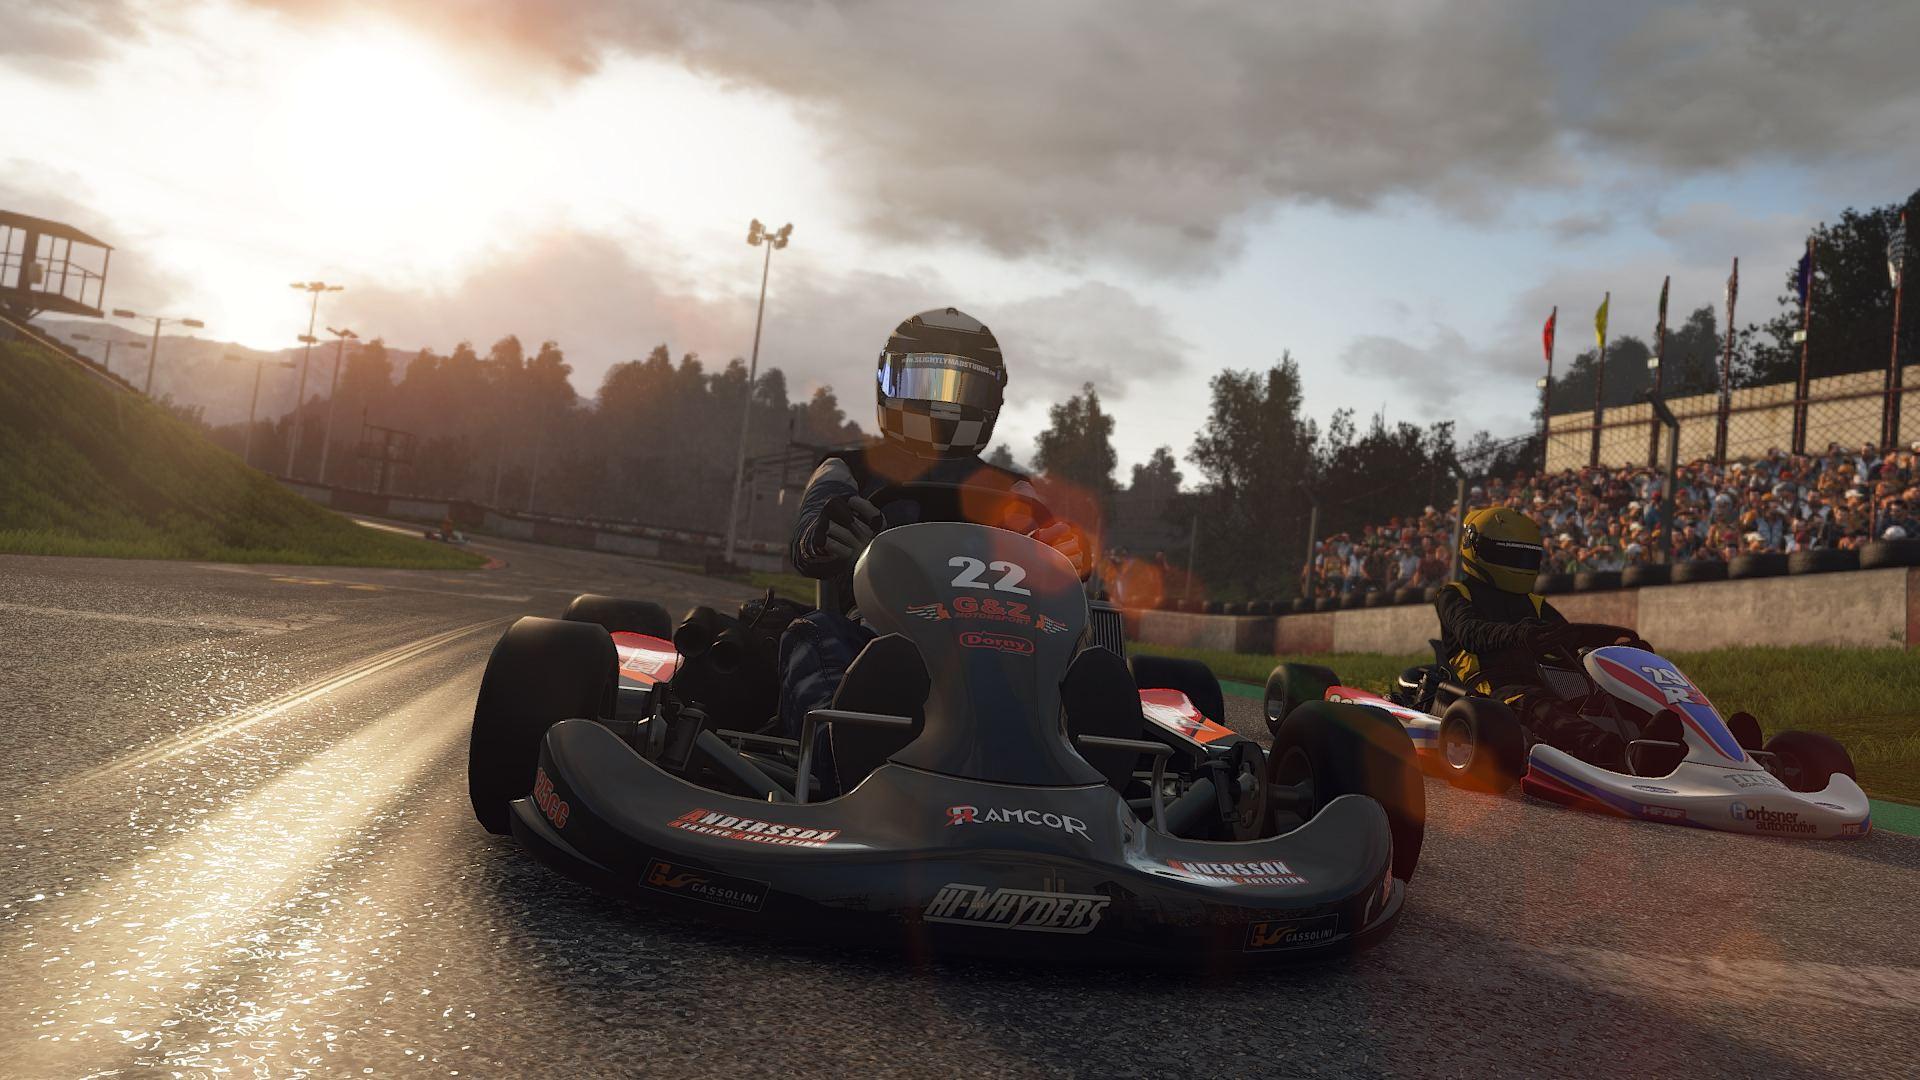 Obrazem: Motokárové závody v Project Cars 102130